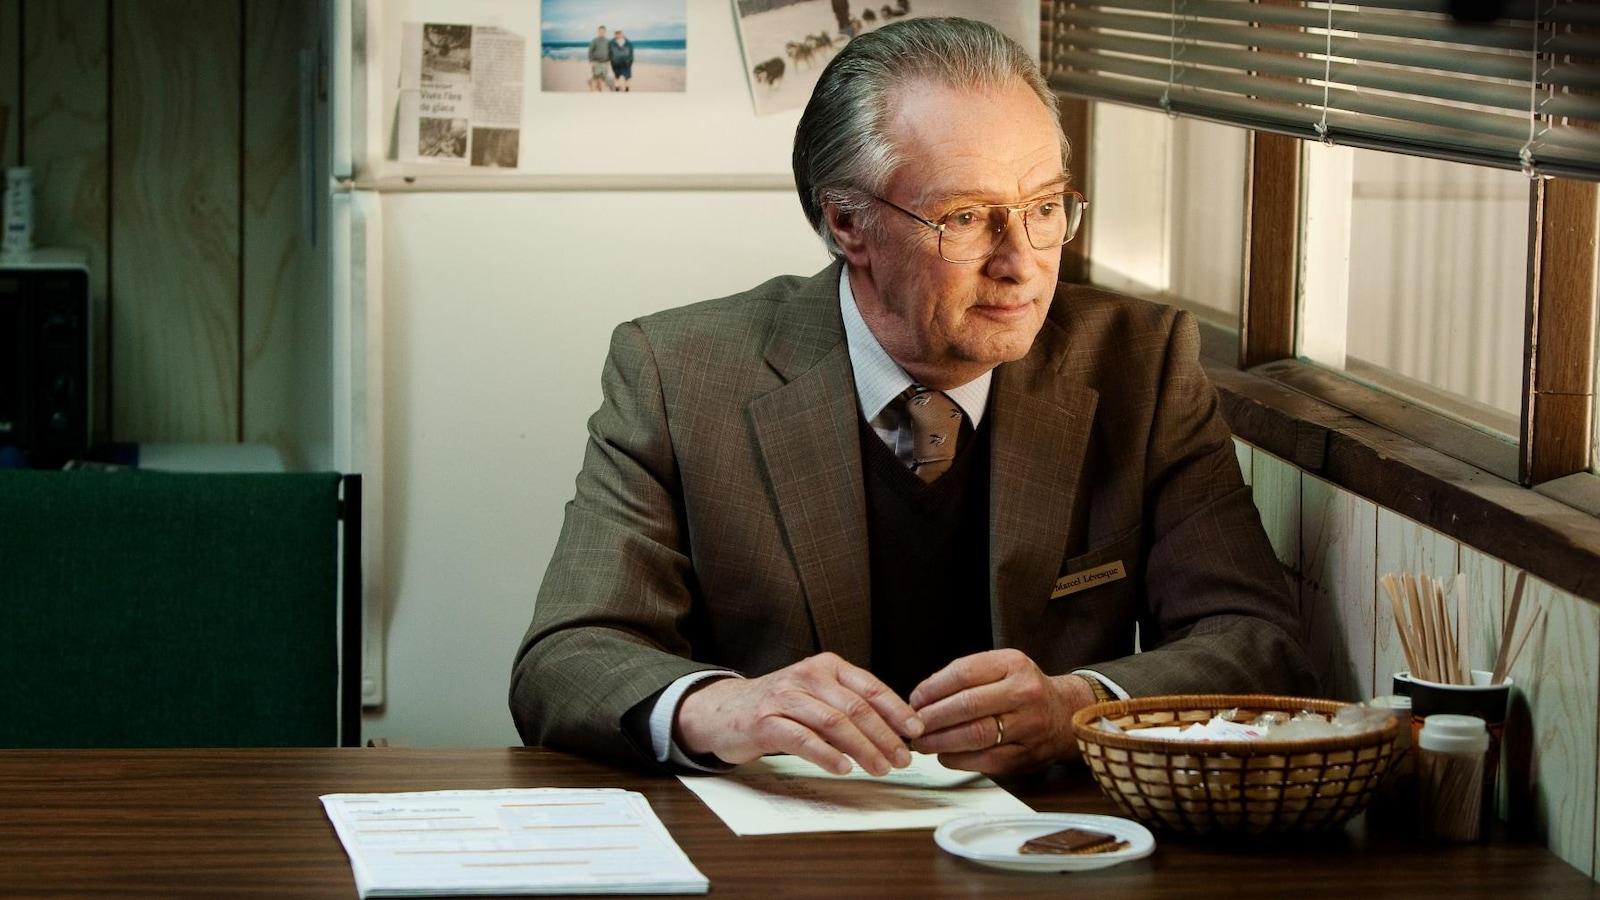 Un homme, en costume, assis à la table d'un bureau, regarde par la fenêtre